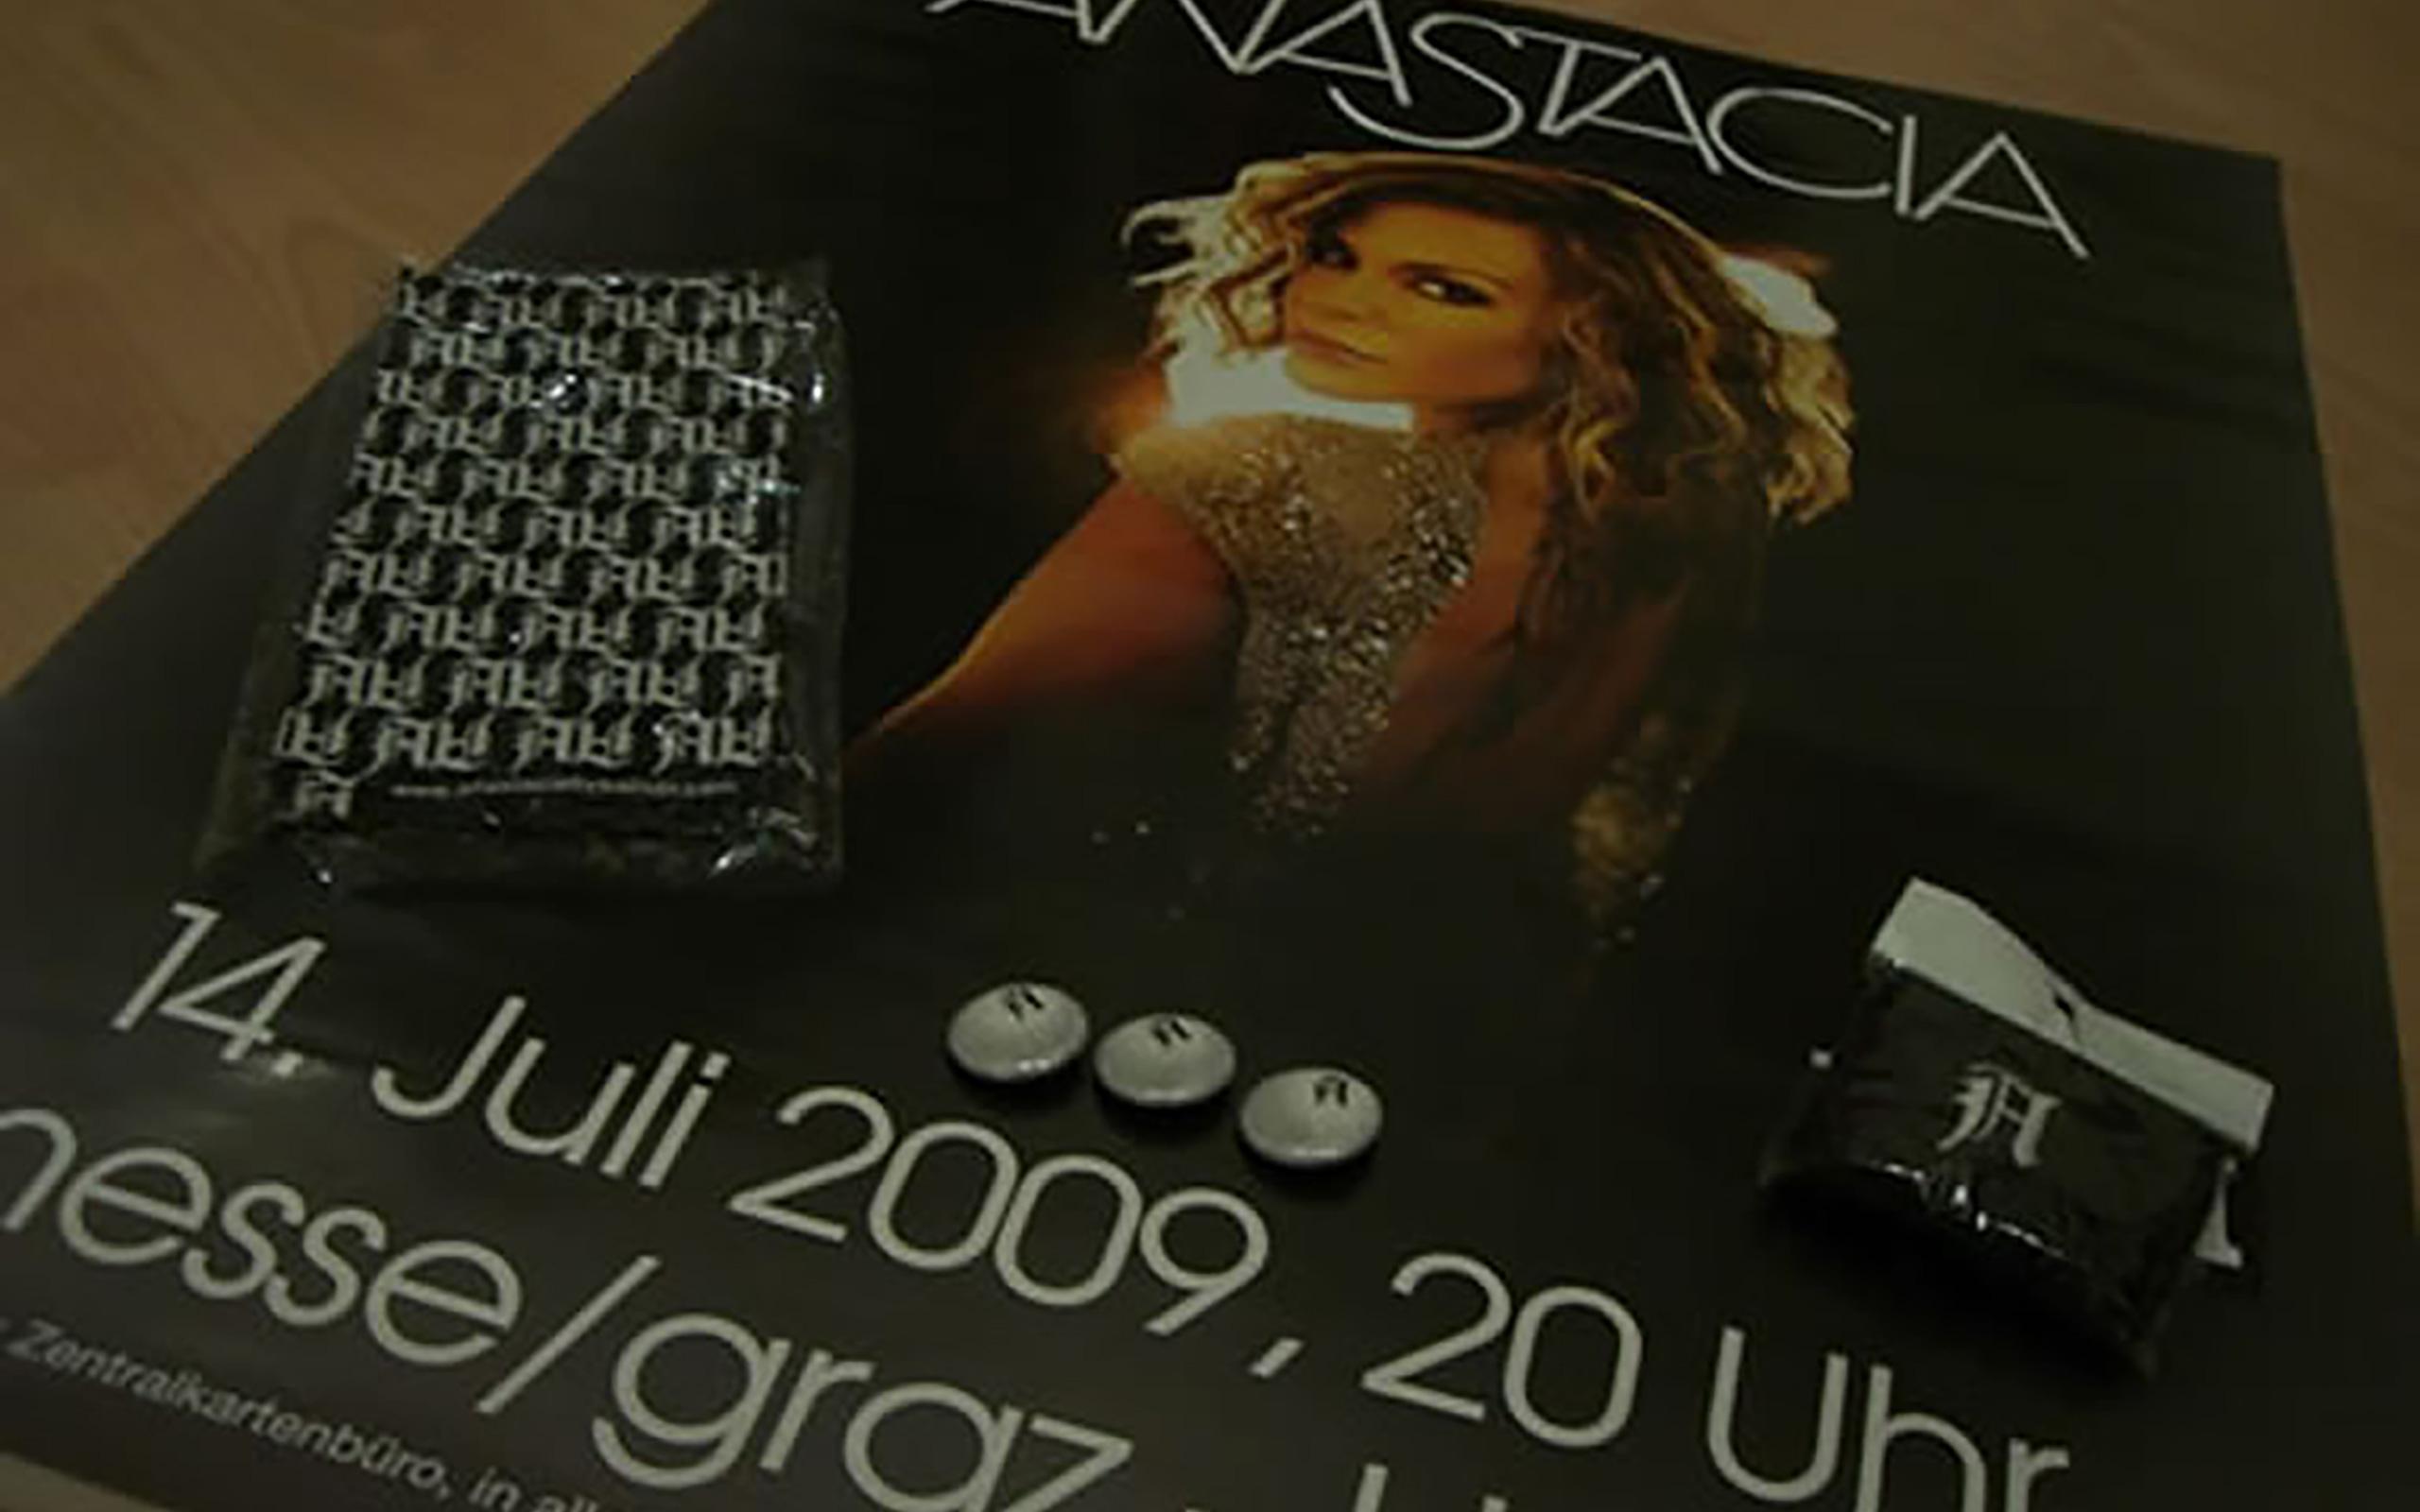 Konzertplakat, A-Buttons, Schweißband und Tuch